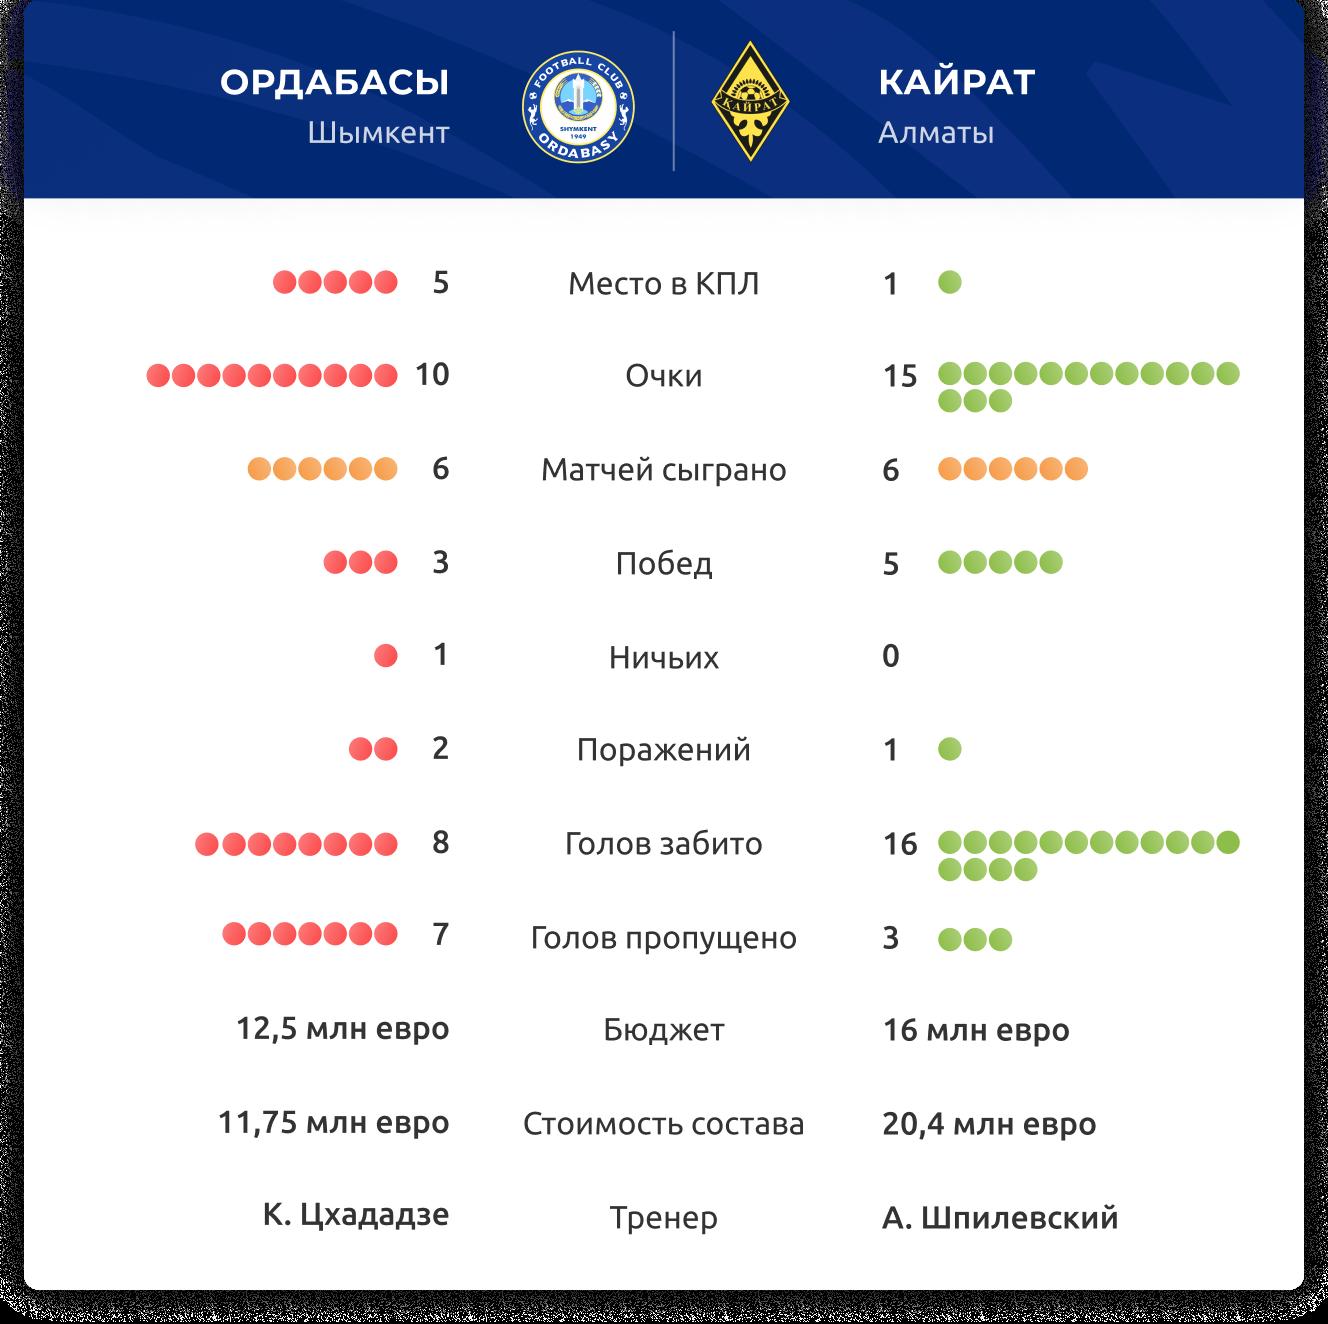 Прогноз на матч Ордабасы – Кайрат 30 августа 2020, ставки и коэффициенты букмекеров